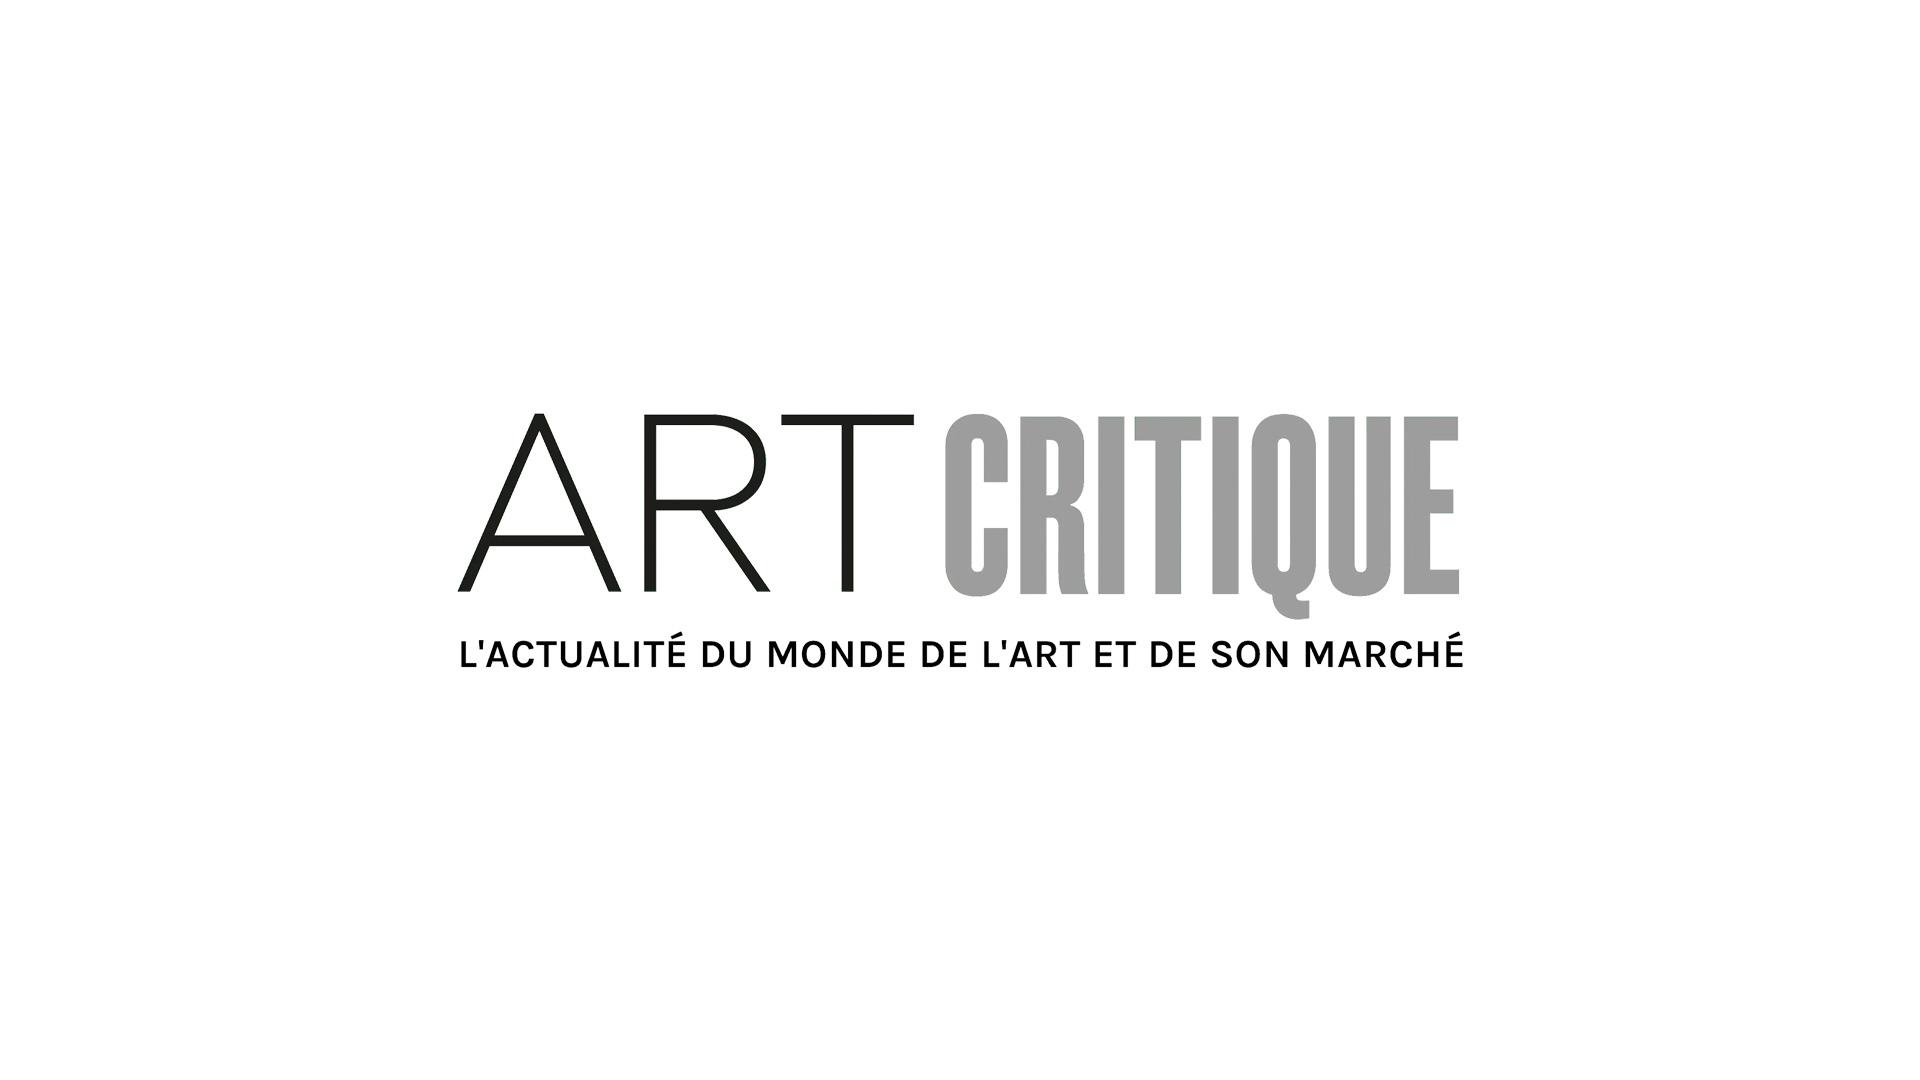 Une visite virtuelle d'une exposition sur Napoléon